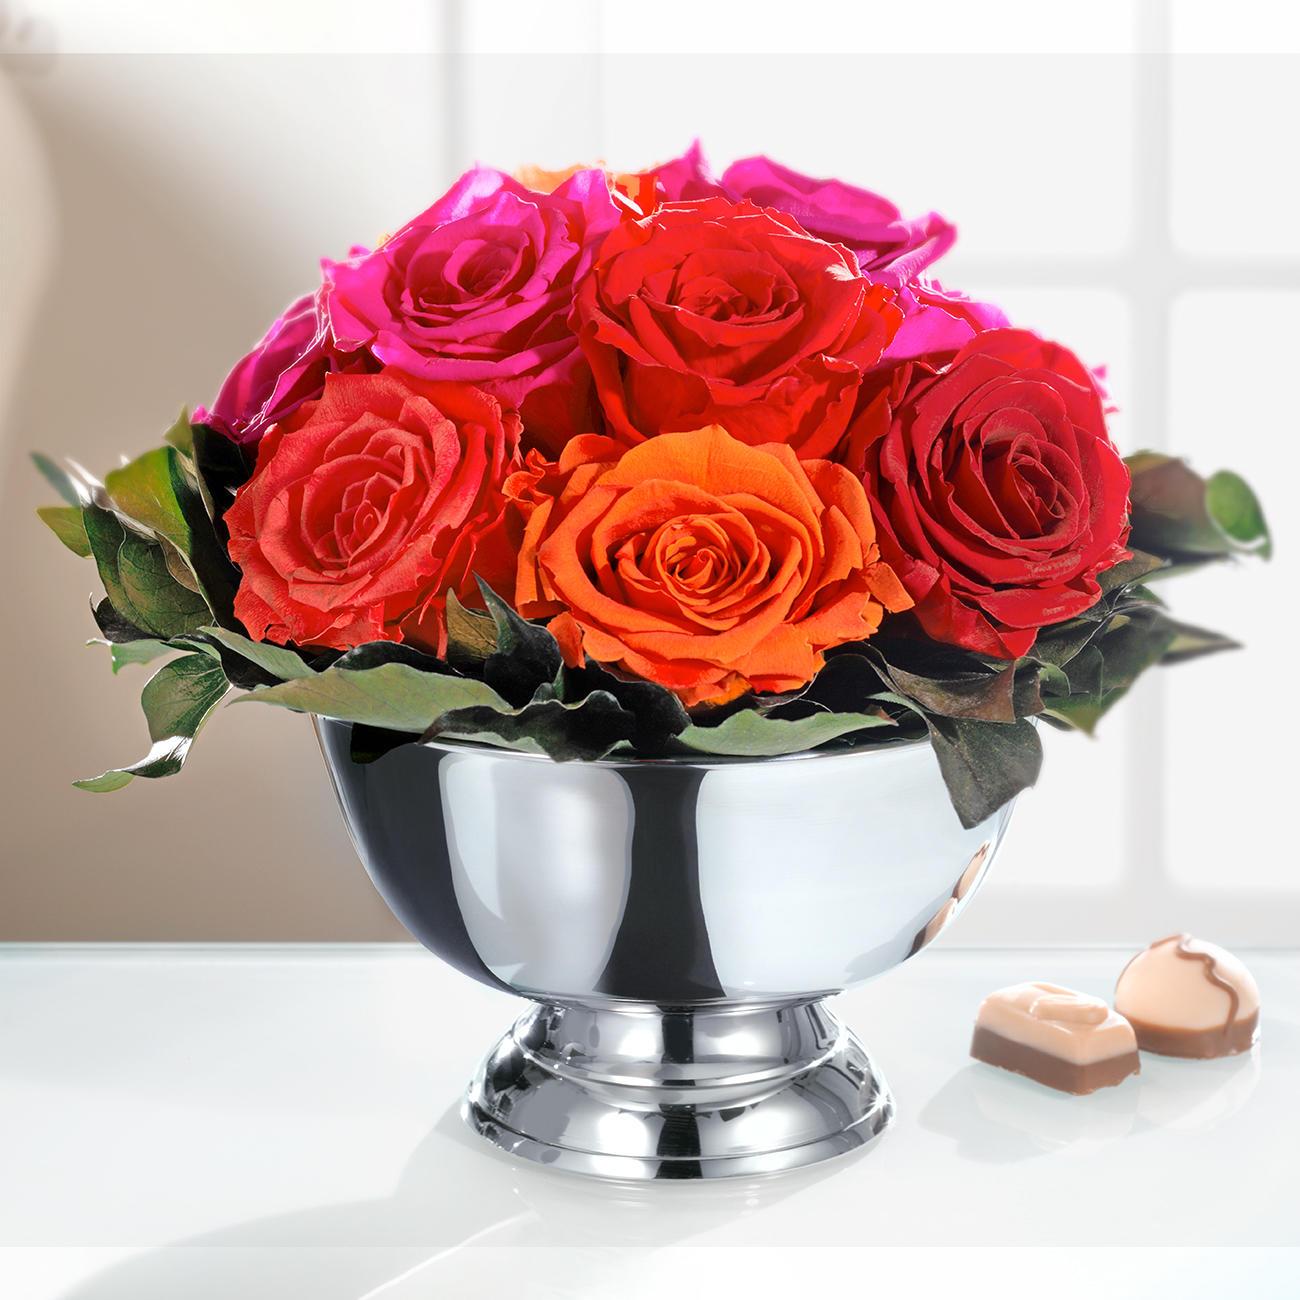 Echtes Rosengesteck 11 Rosen Und Schale Online Kaufen